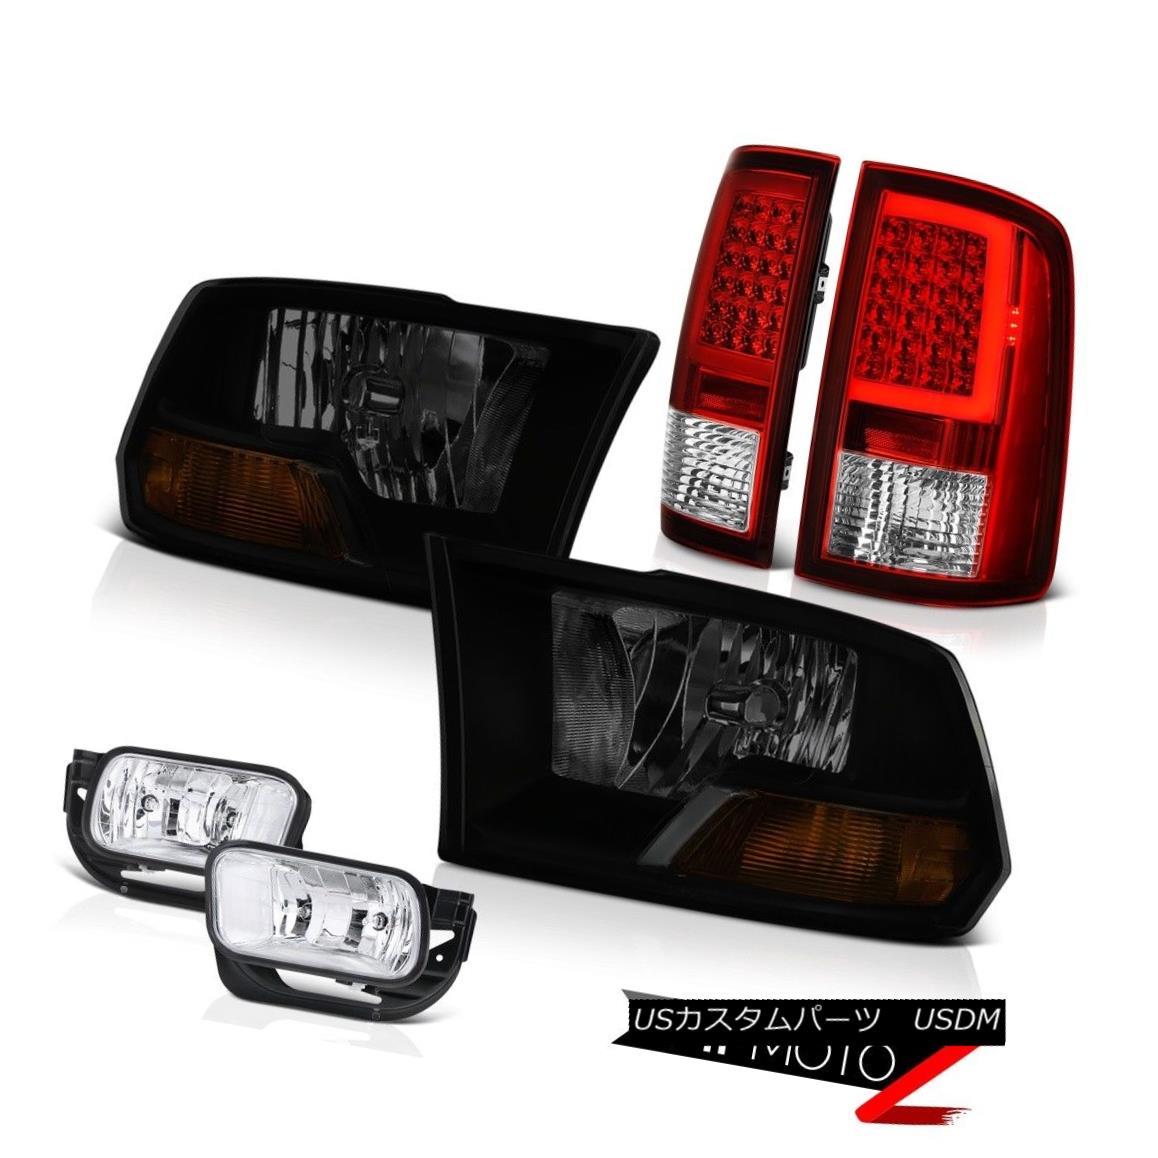 テールライト 2010-2018 Dodge RAM 2500 Tail Light Chrome Fog Lights Factory Style Headlight 2010-2018 Dodge RAM 2500テールライトクロームフォグライト工場スタイルヘッドライト